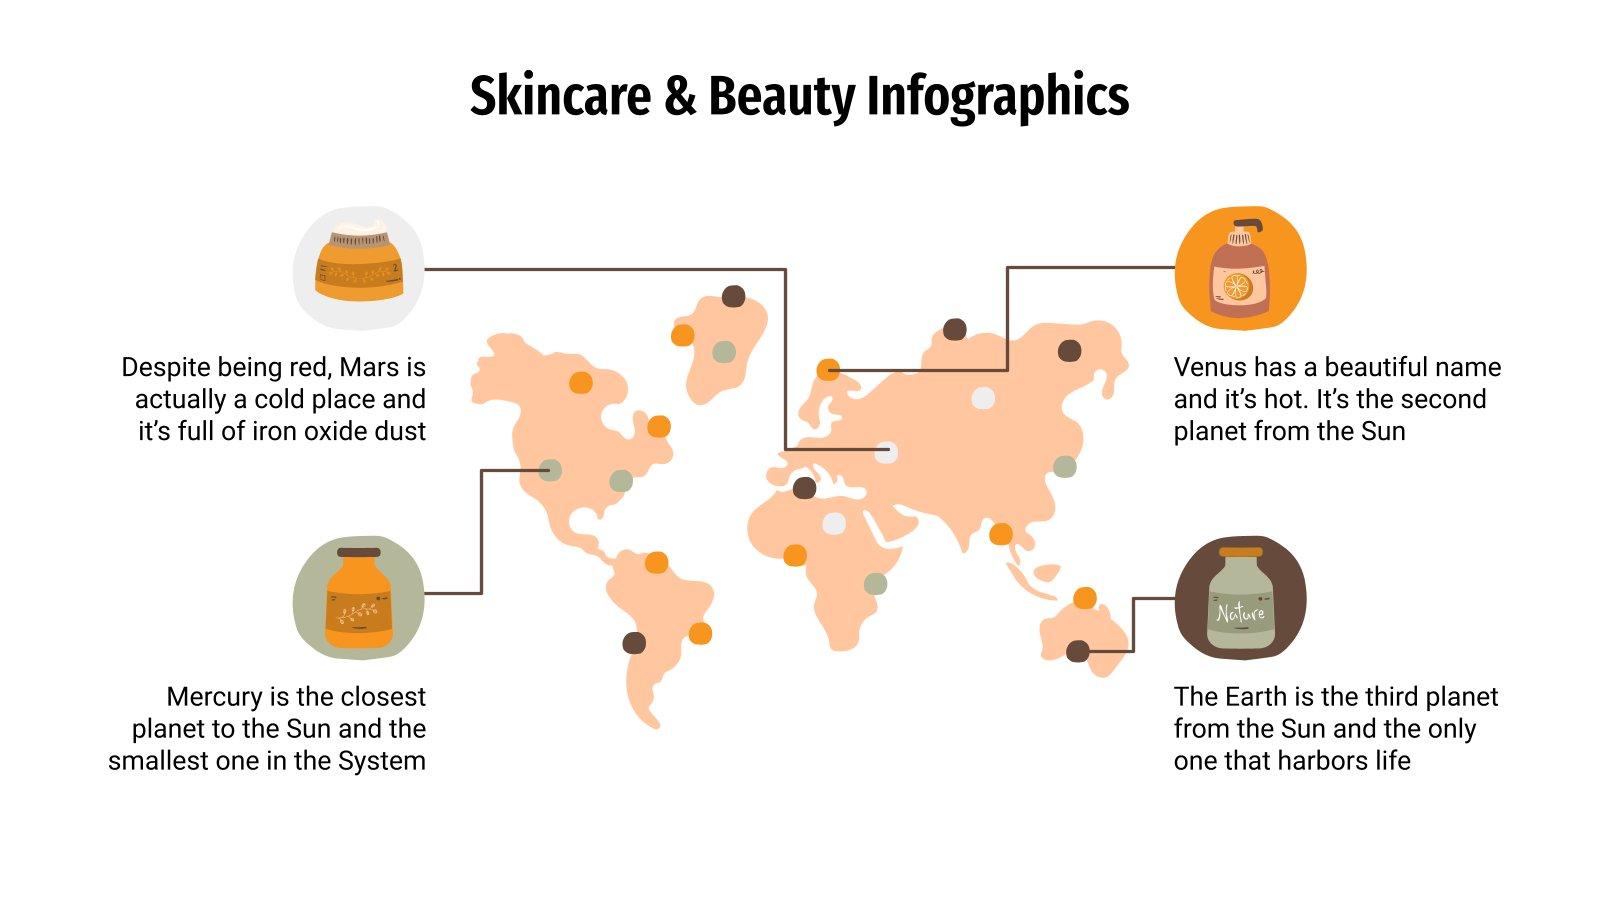 Modelo de apresentação Infográficos de cuidados com a pele e beleza